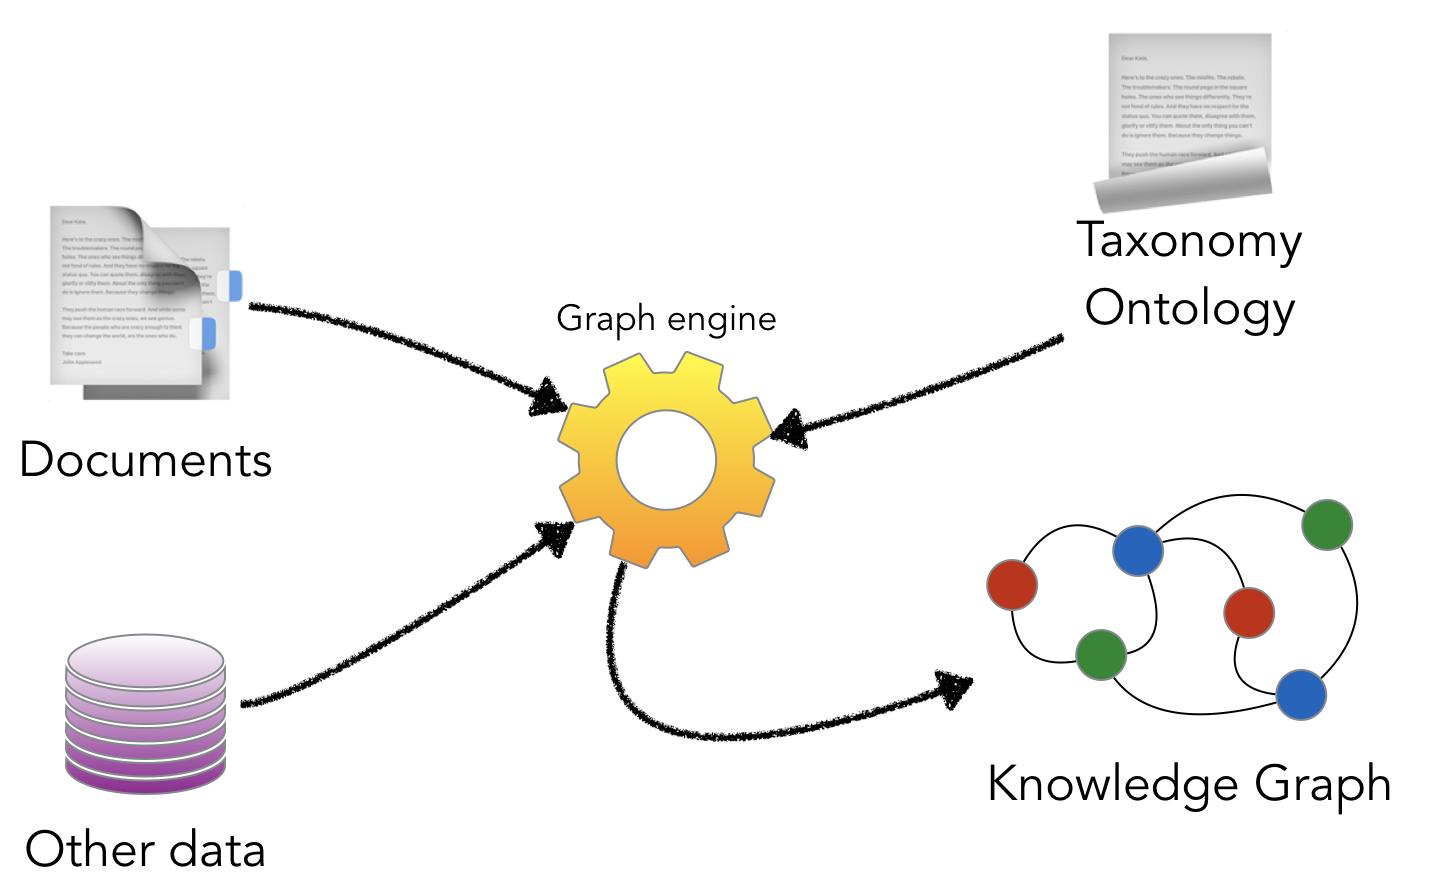 graph engine